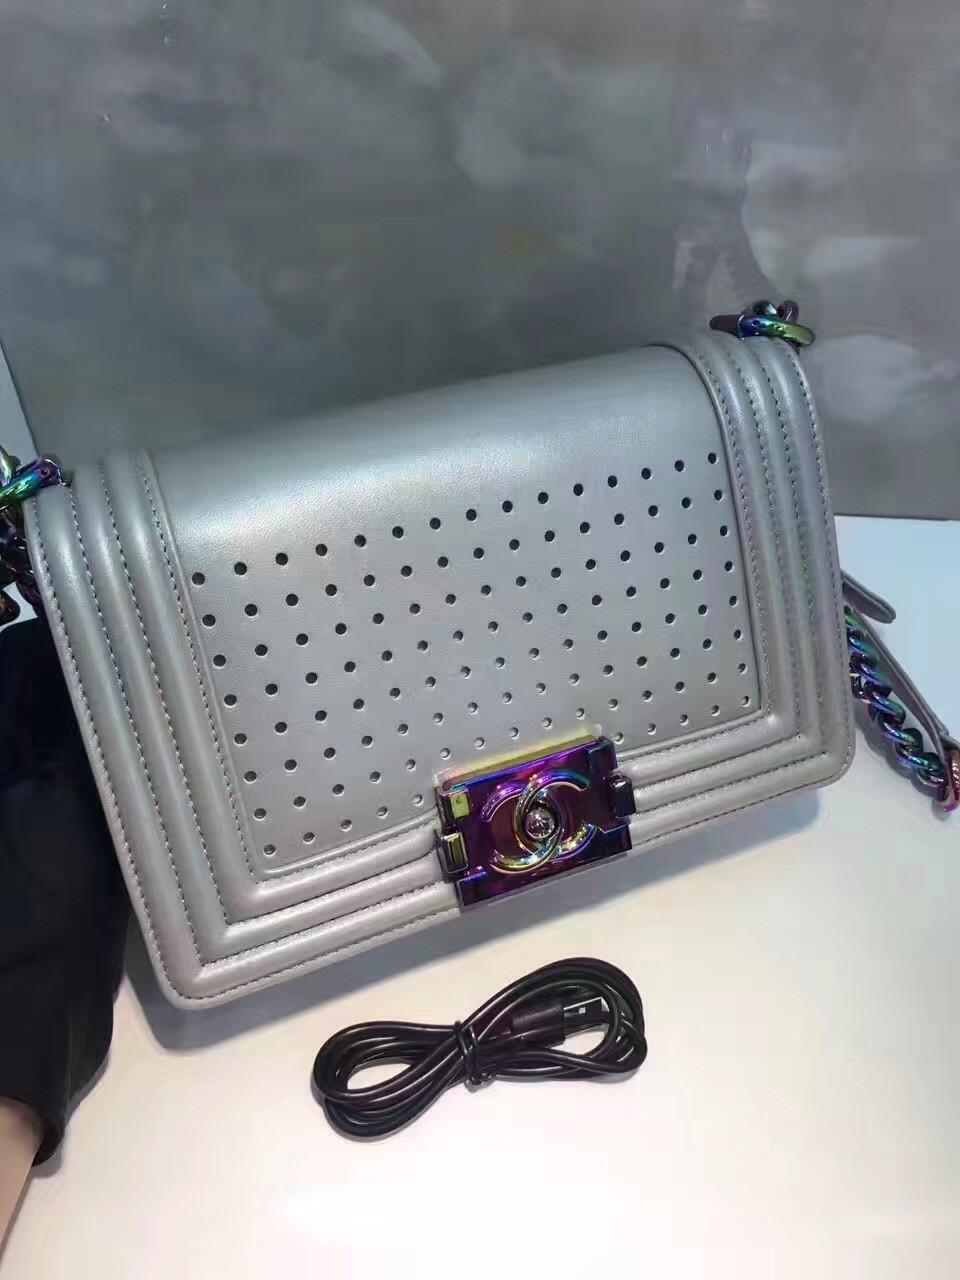 e22720eb223d Chanel Small Silver Boy Chanel Led 2.0 Flap Bag - Bella Vita Moda